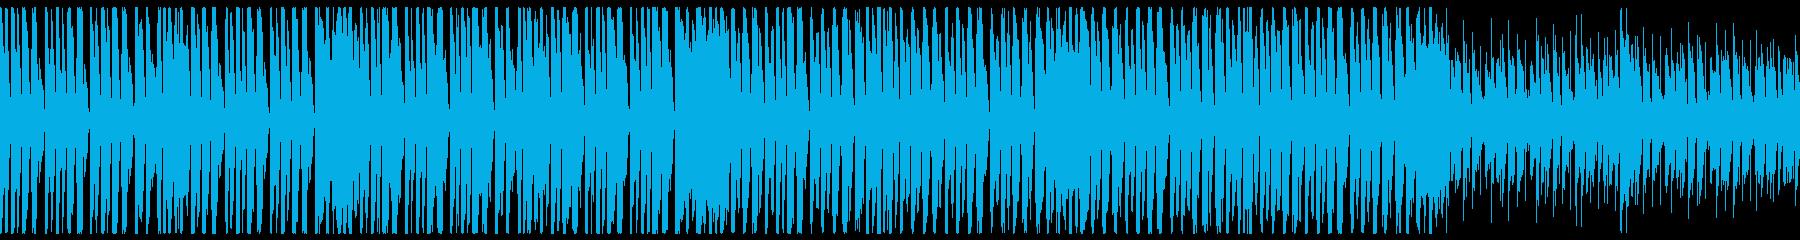 ブラスが華やかエレクトロスイング(ループの再生済みの波形